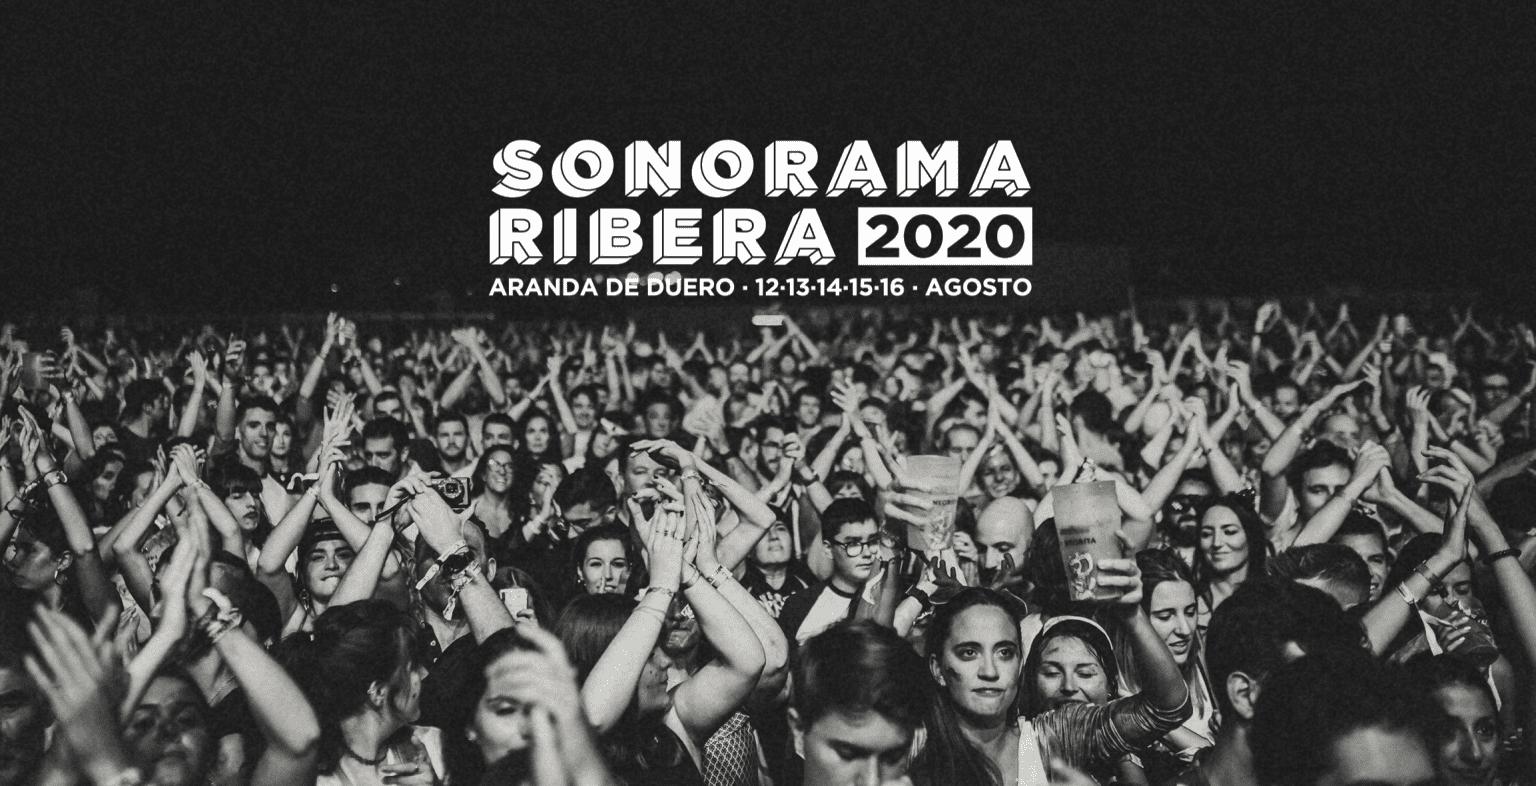 cartel promocional del Sonorama 2020. Aranda del Duero